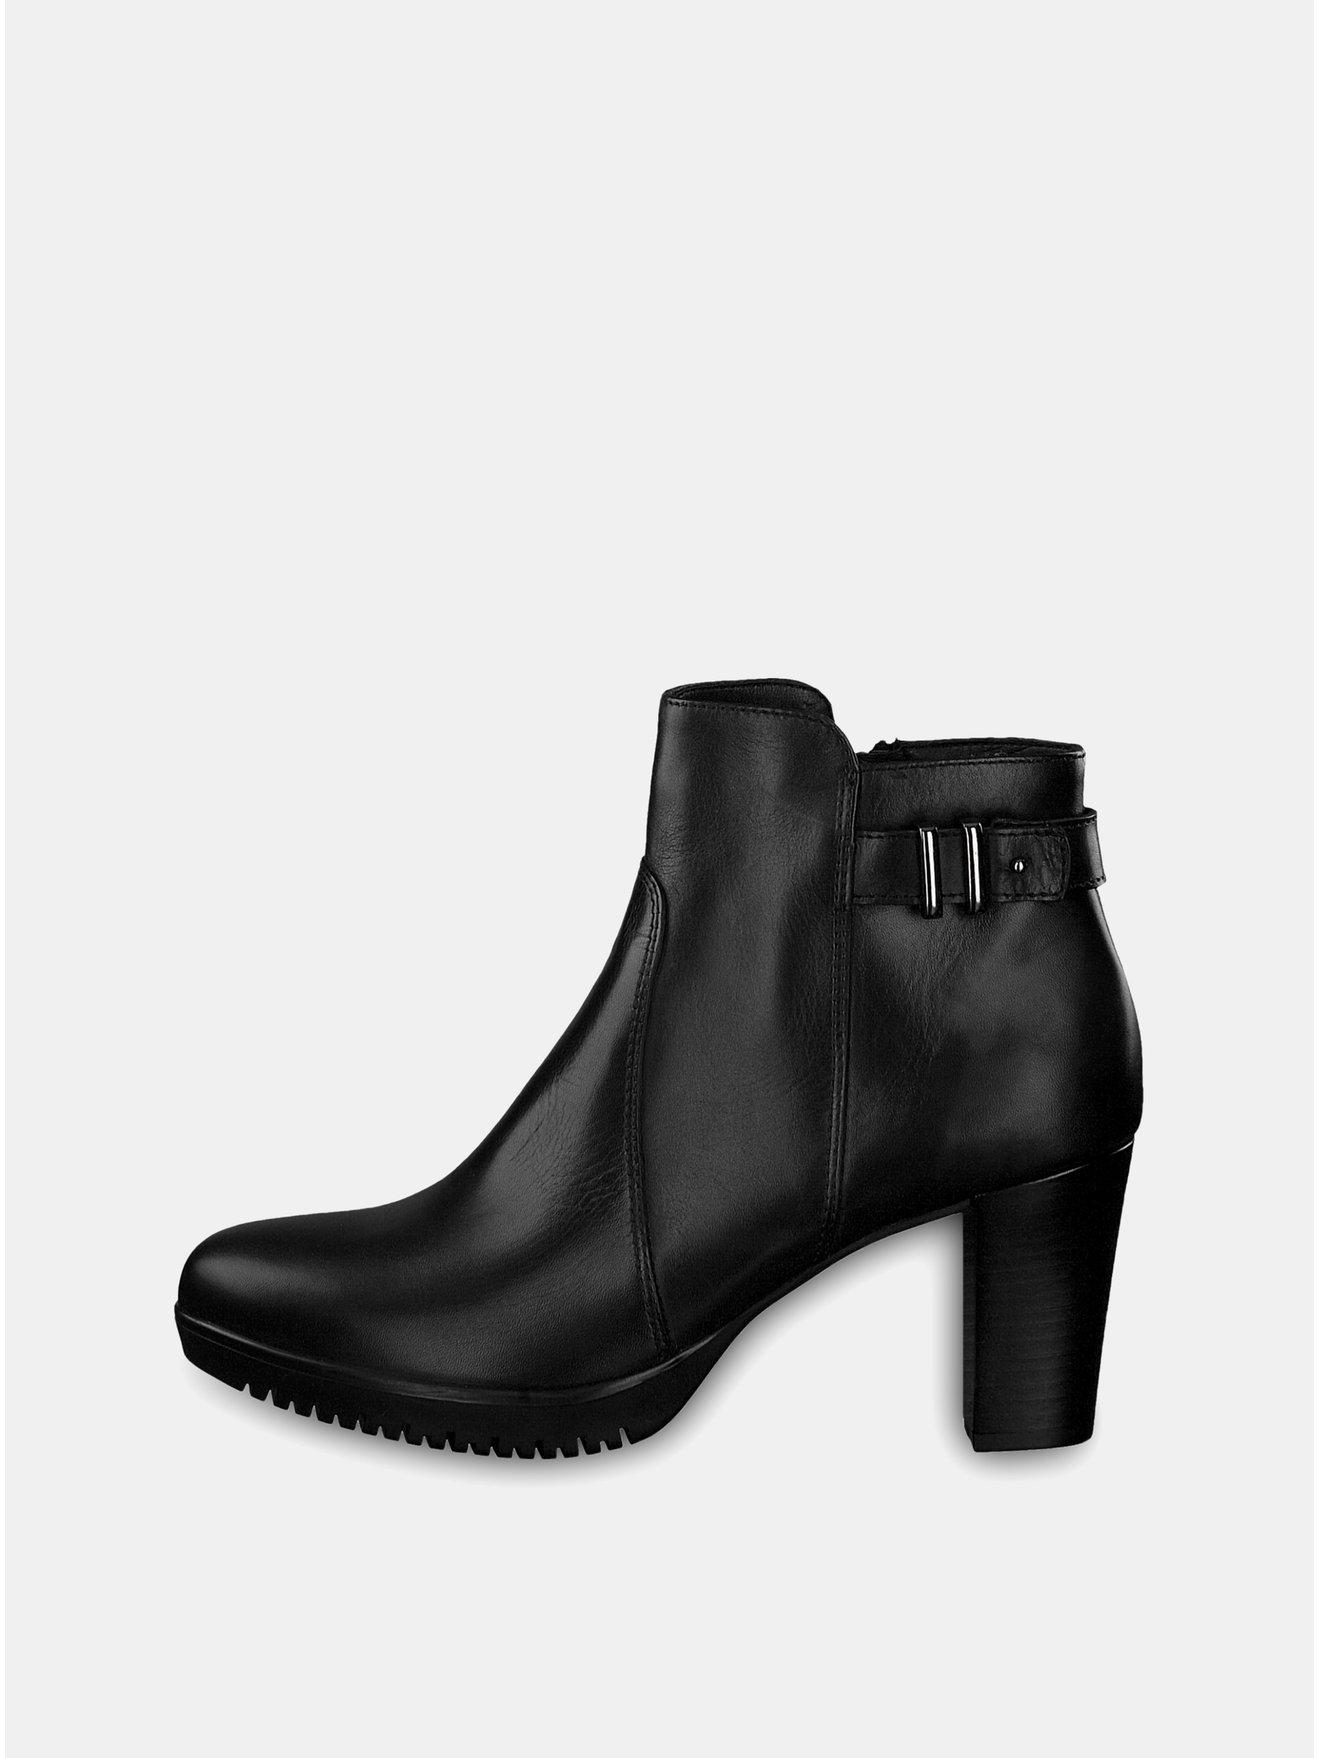 Černé kožené boty na vysokém podpatku s ozdobnou přezkou Tamaris